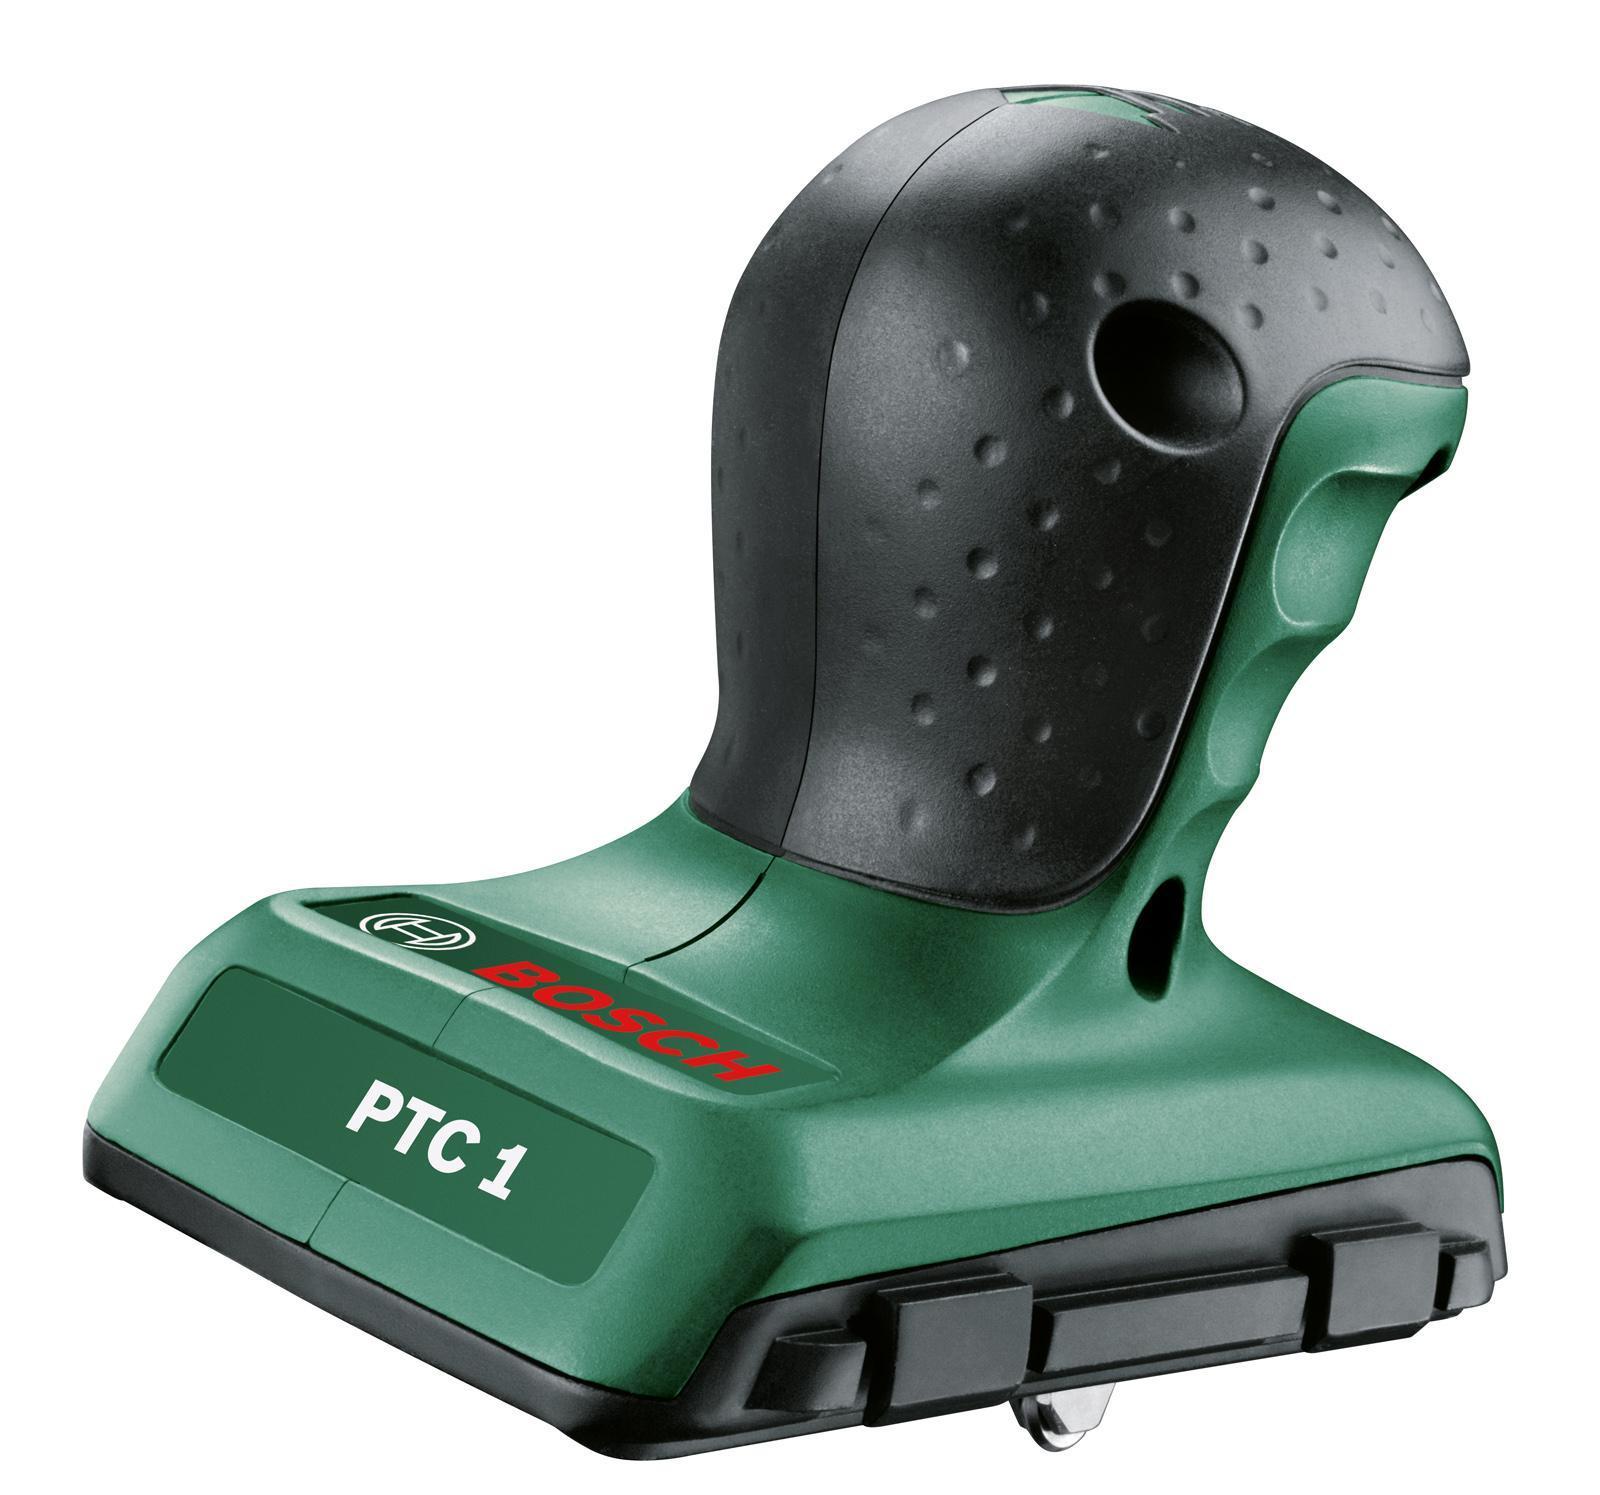 Плиткорез Bosch PTC 1, 300 ммPTC 1С помощью плиткореза Bosch PTC 1 можно без труда выполнять разметку и резку керамической плитки или стекла под углом в диапазоне от –45° до +45°Эргономичность и легкость в использовании.Точное ведение благодаря направляющему каналу.